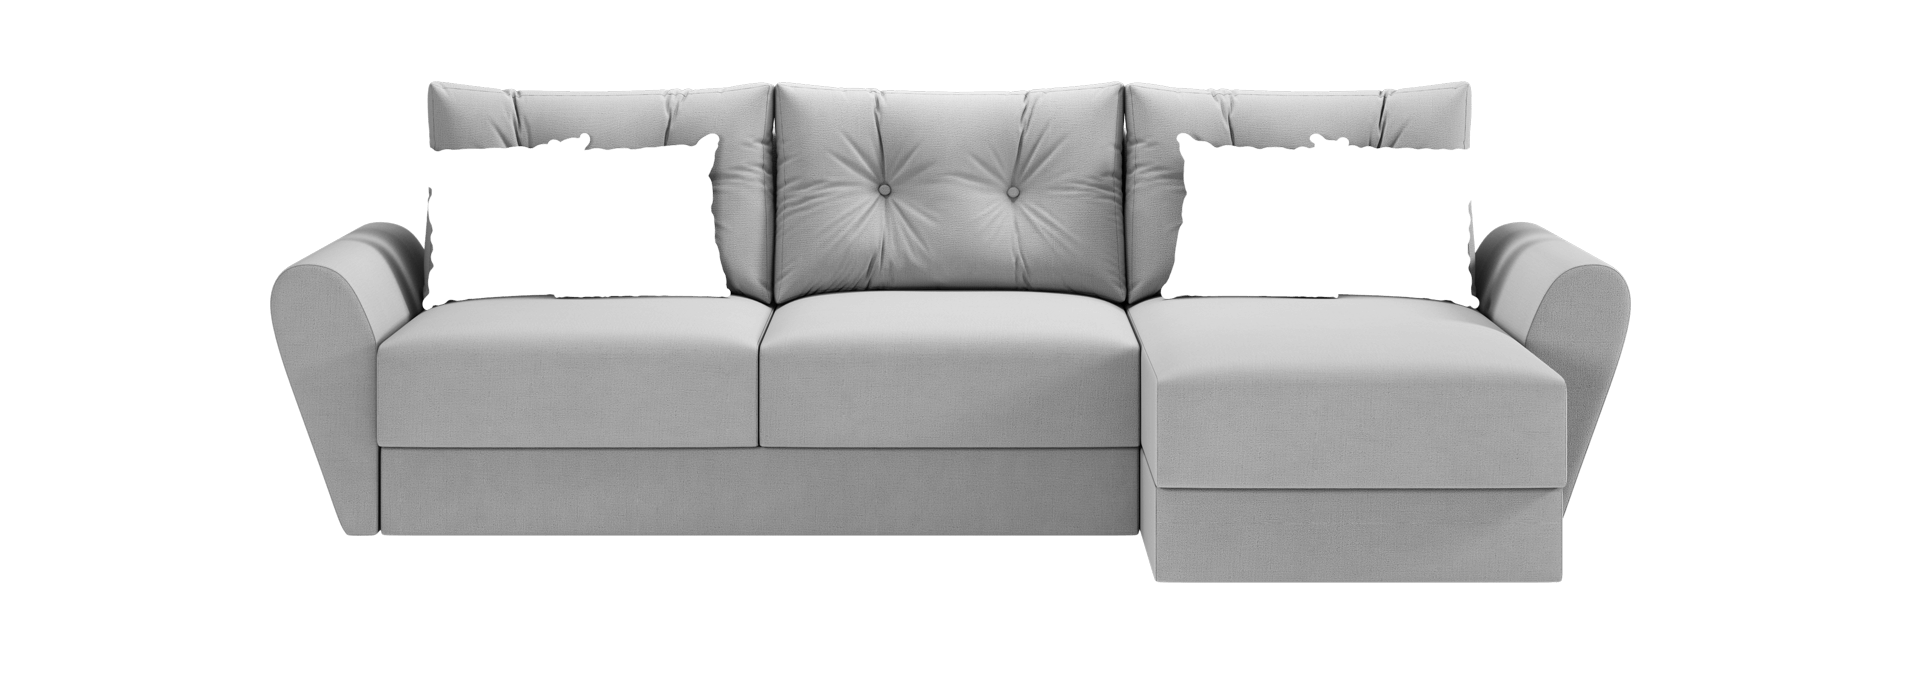 Даріо кутовий диван - маска 1